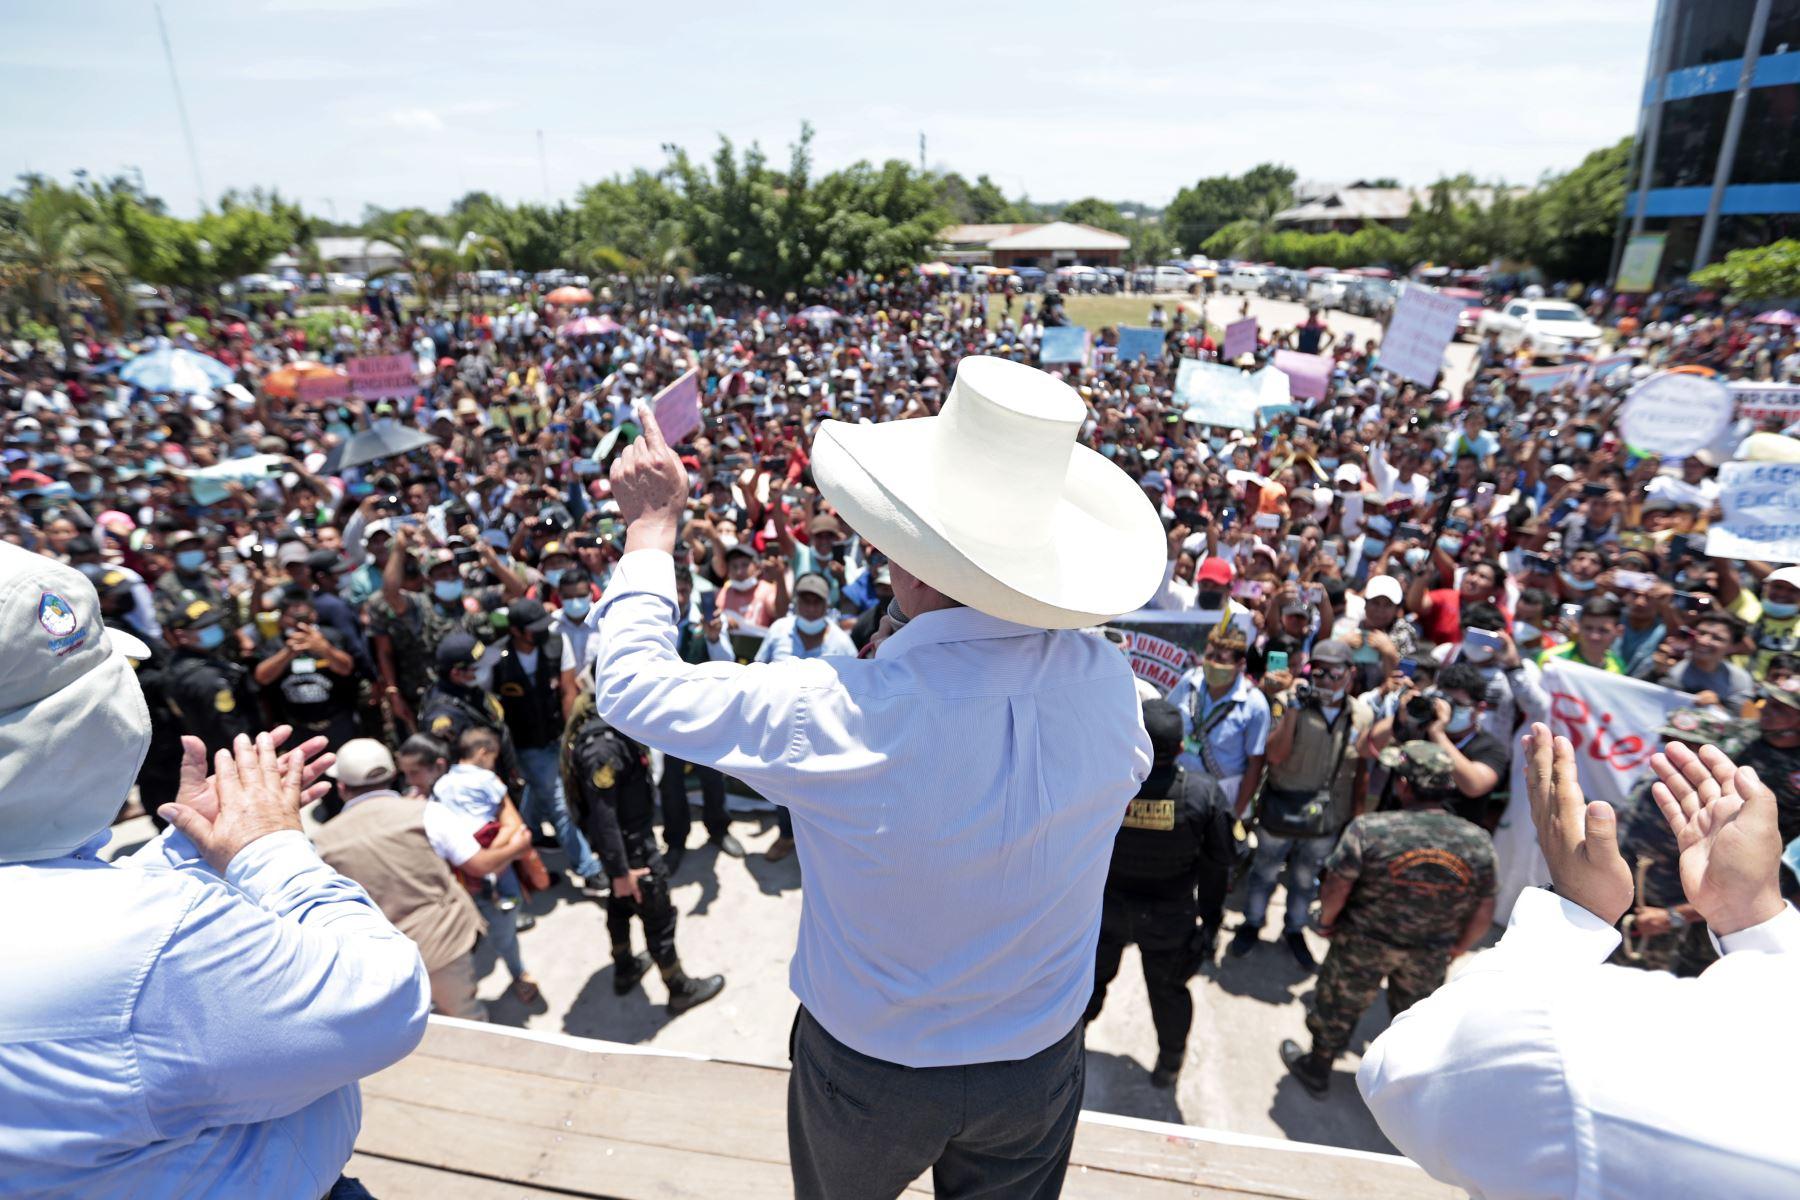 Presidente de la República, Pedro Castillo, sostiene reunión con la población en la Plaza de Armas del distrito de Curimaná, provincia de Padre Abad, Ucayali. Foto: Prensa Presidencia